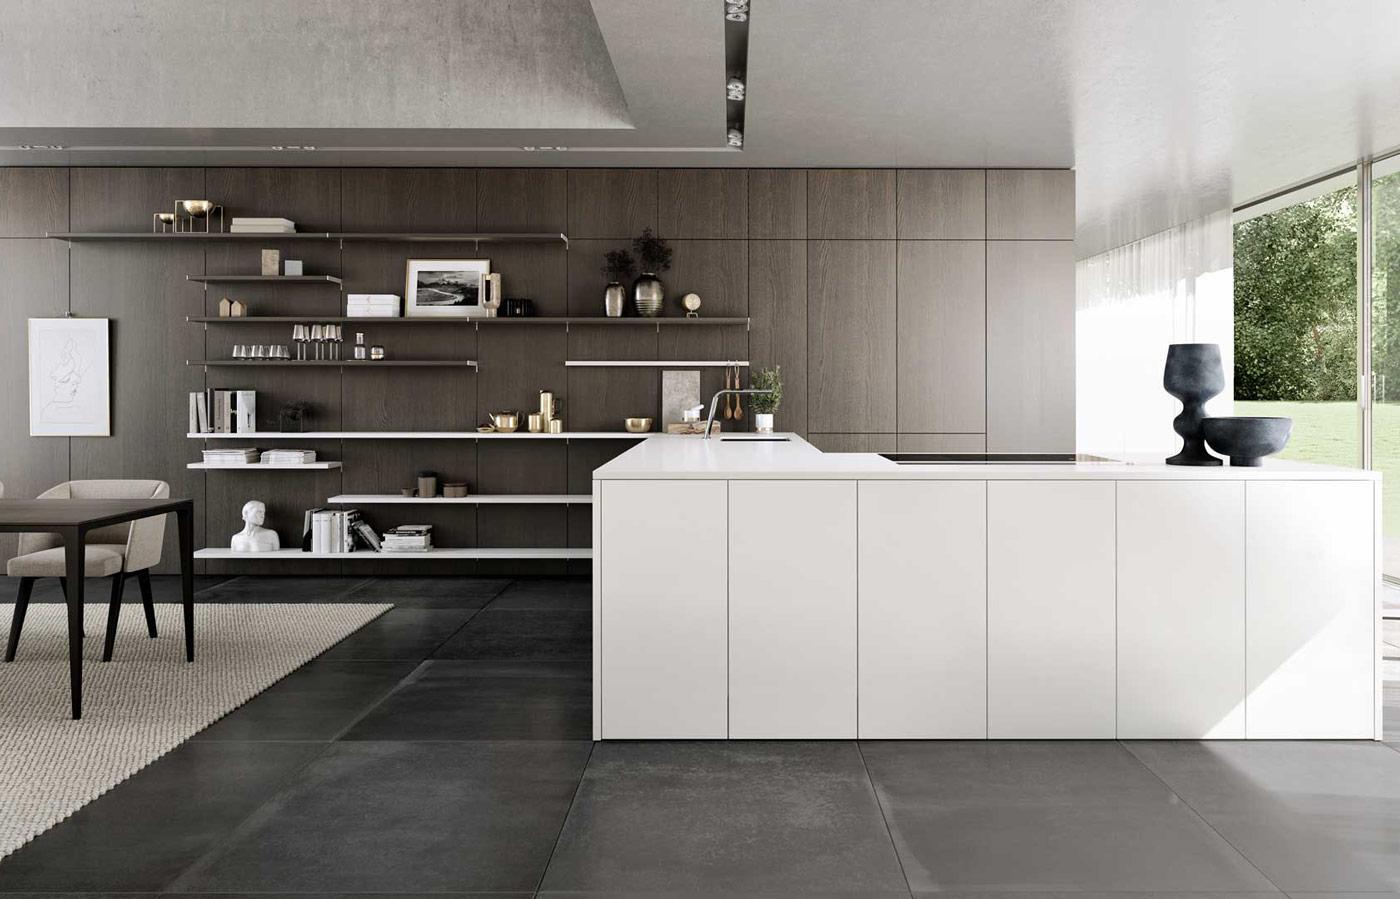 Siematic pure cuisine design haut de gamme dotti design toulouse - Cuisine design haut de gamme ...